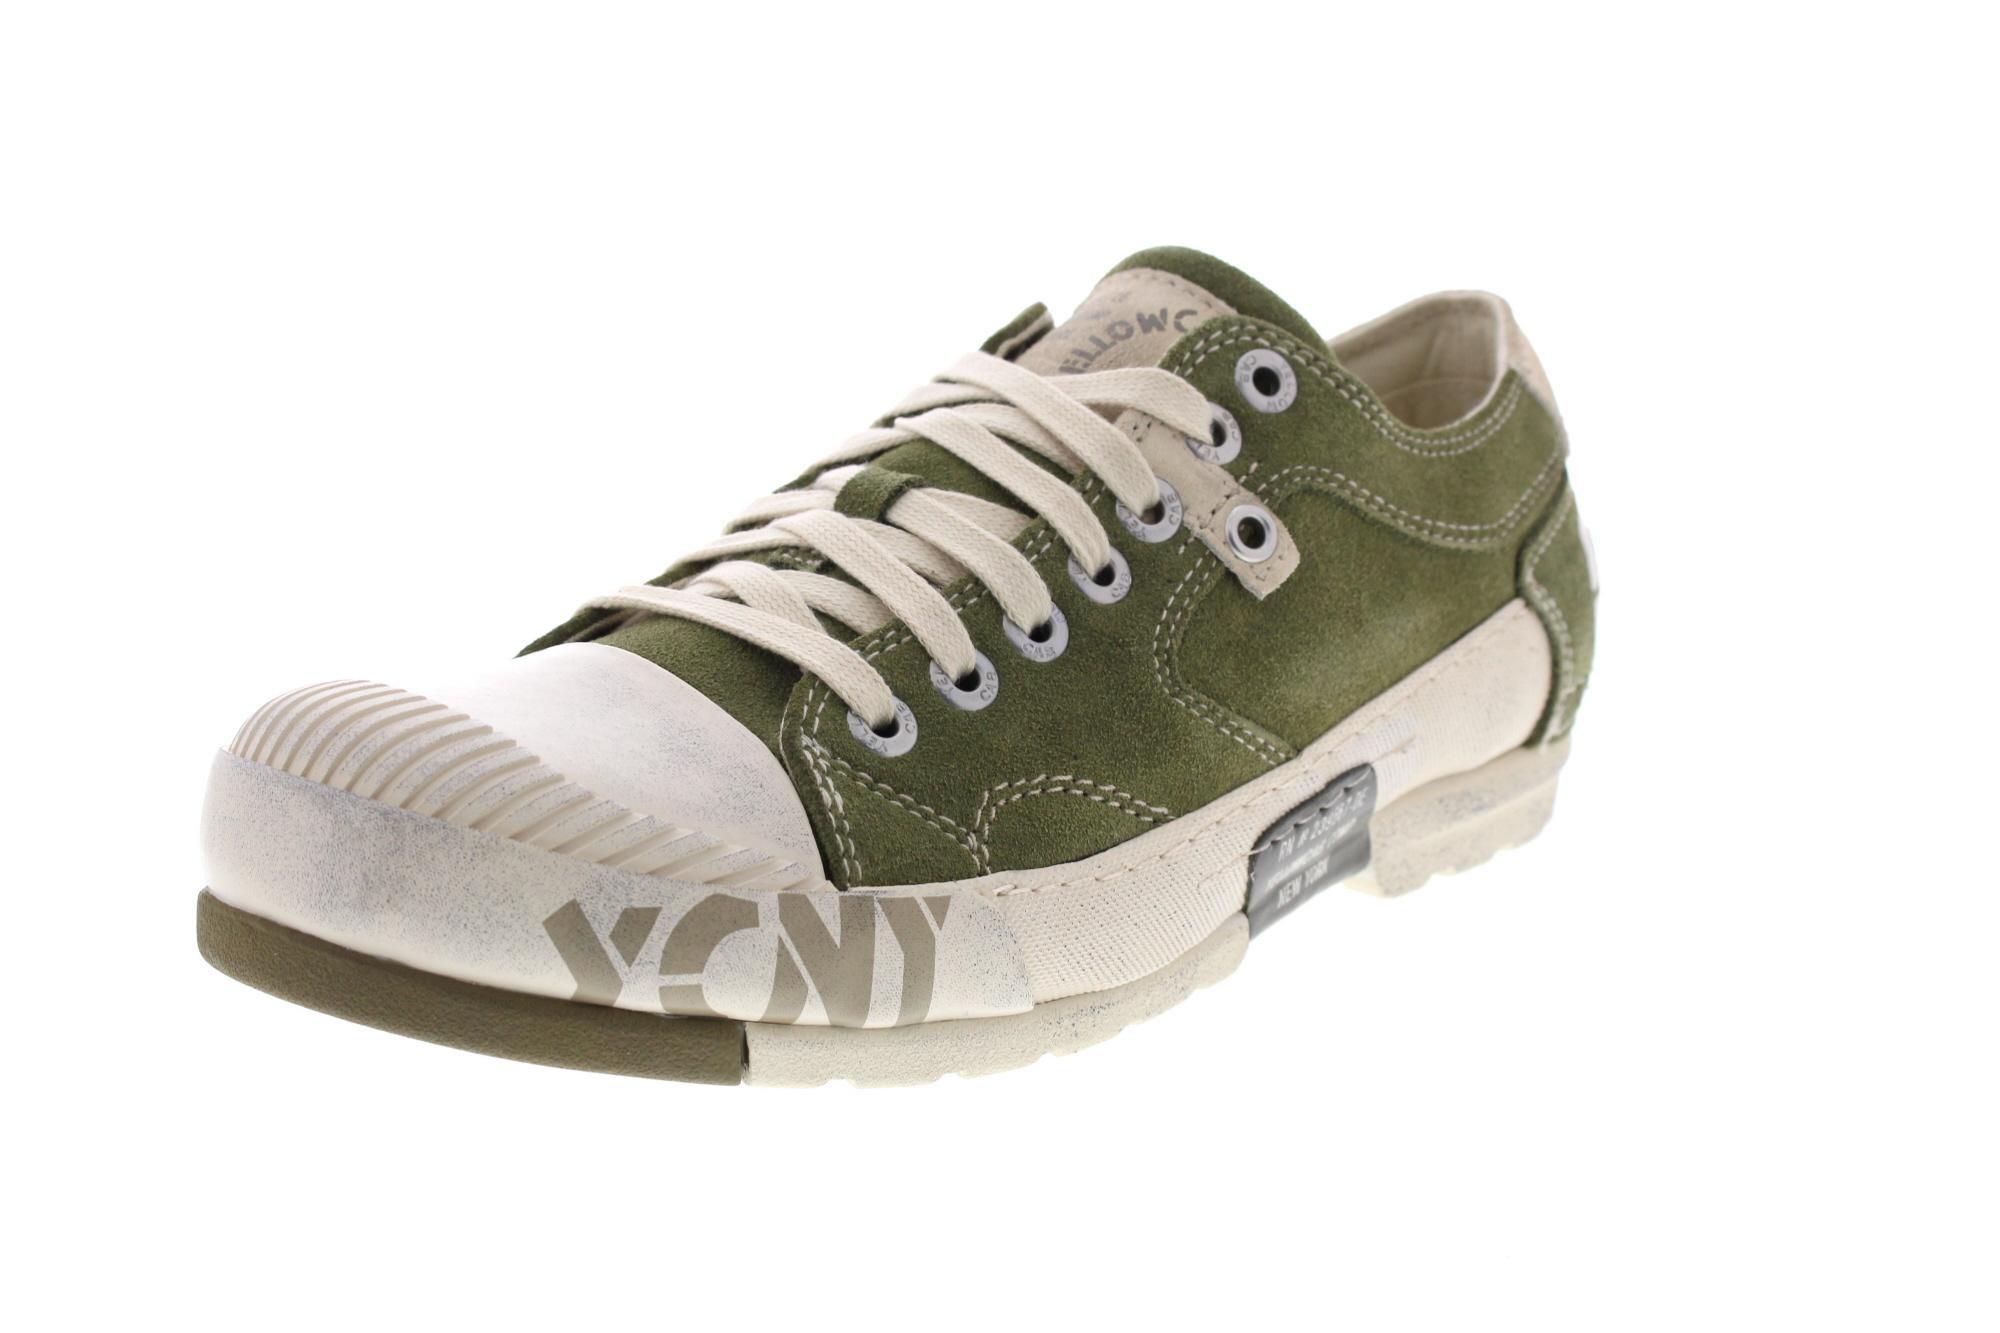 YELLOW CAB Herrenschuhe Sneakers MUD M 12264 - moss_0